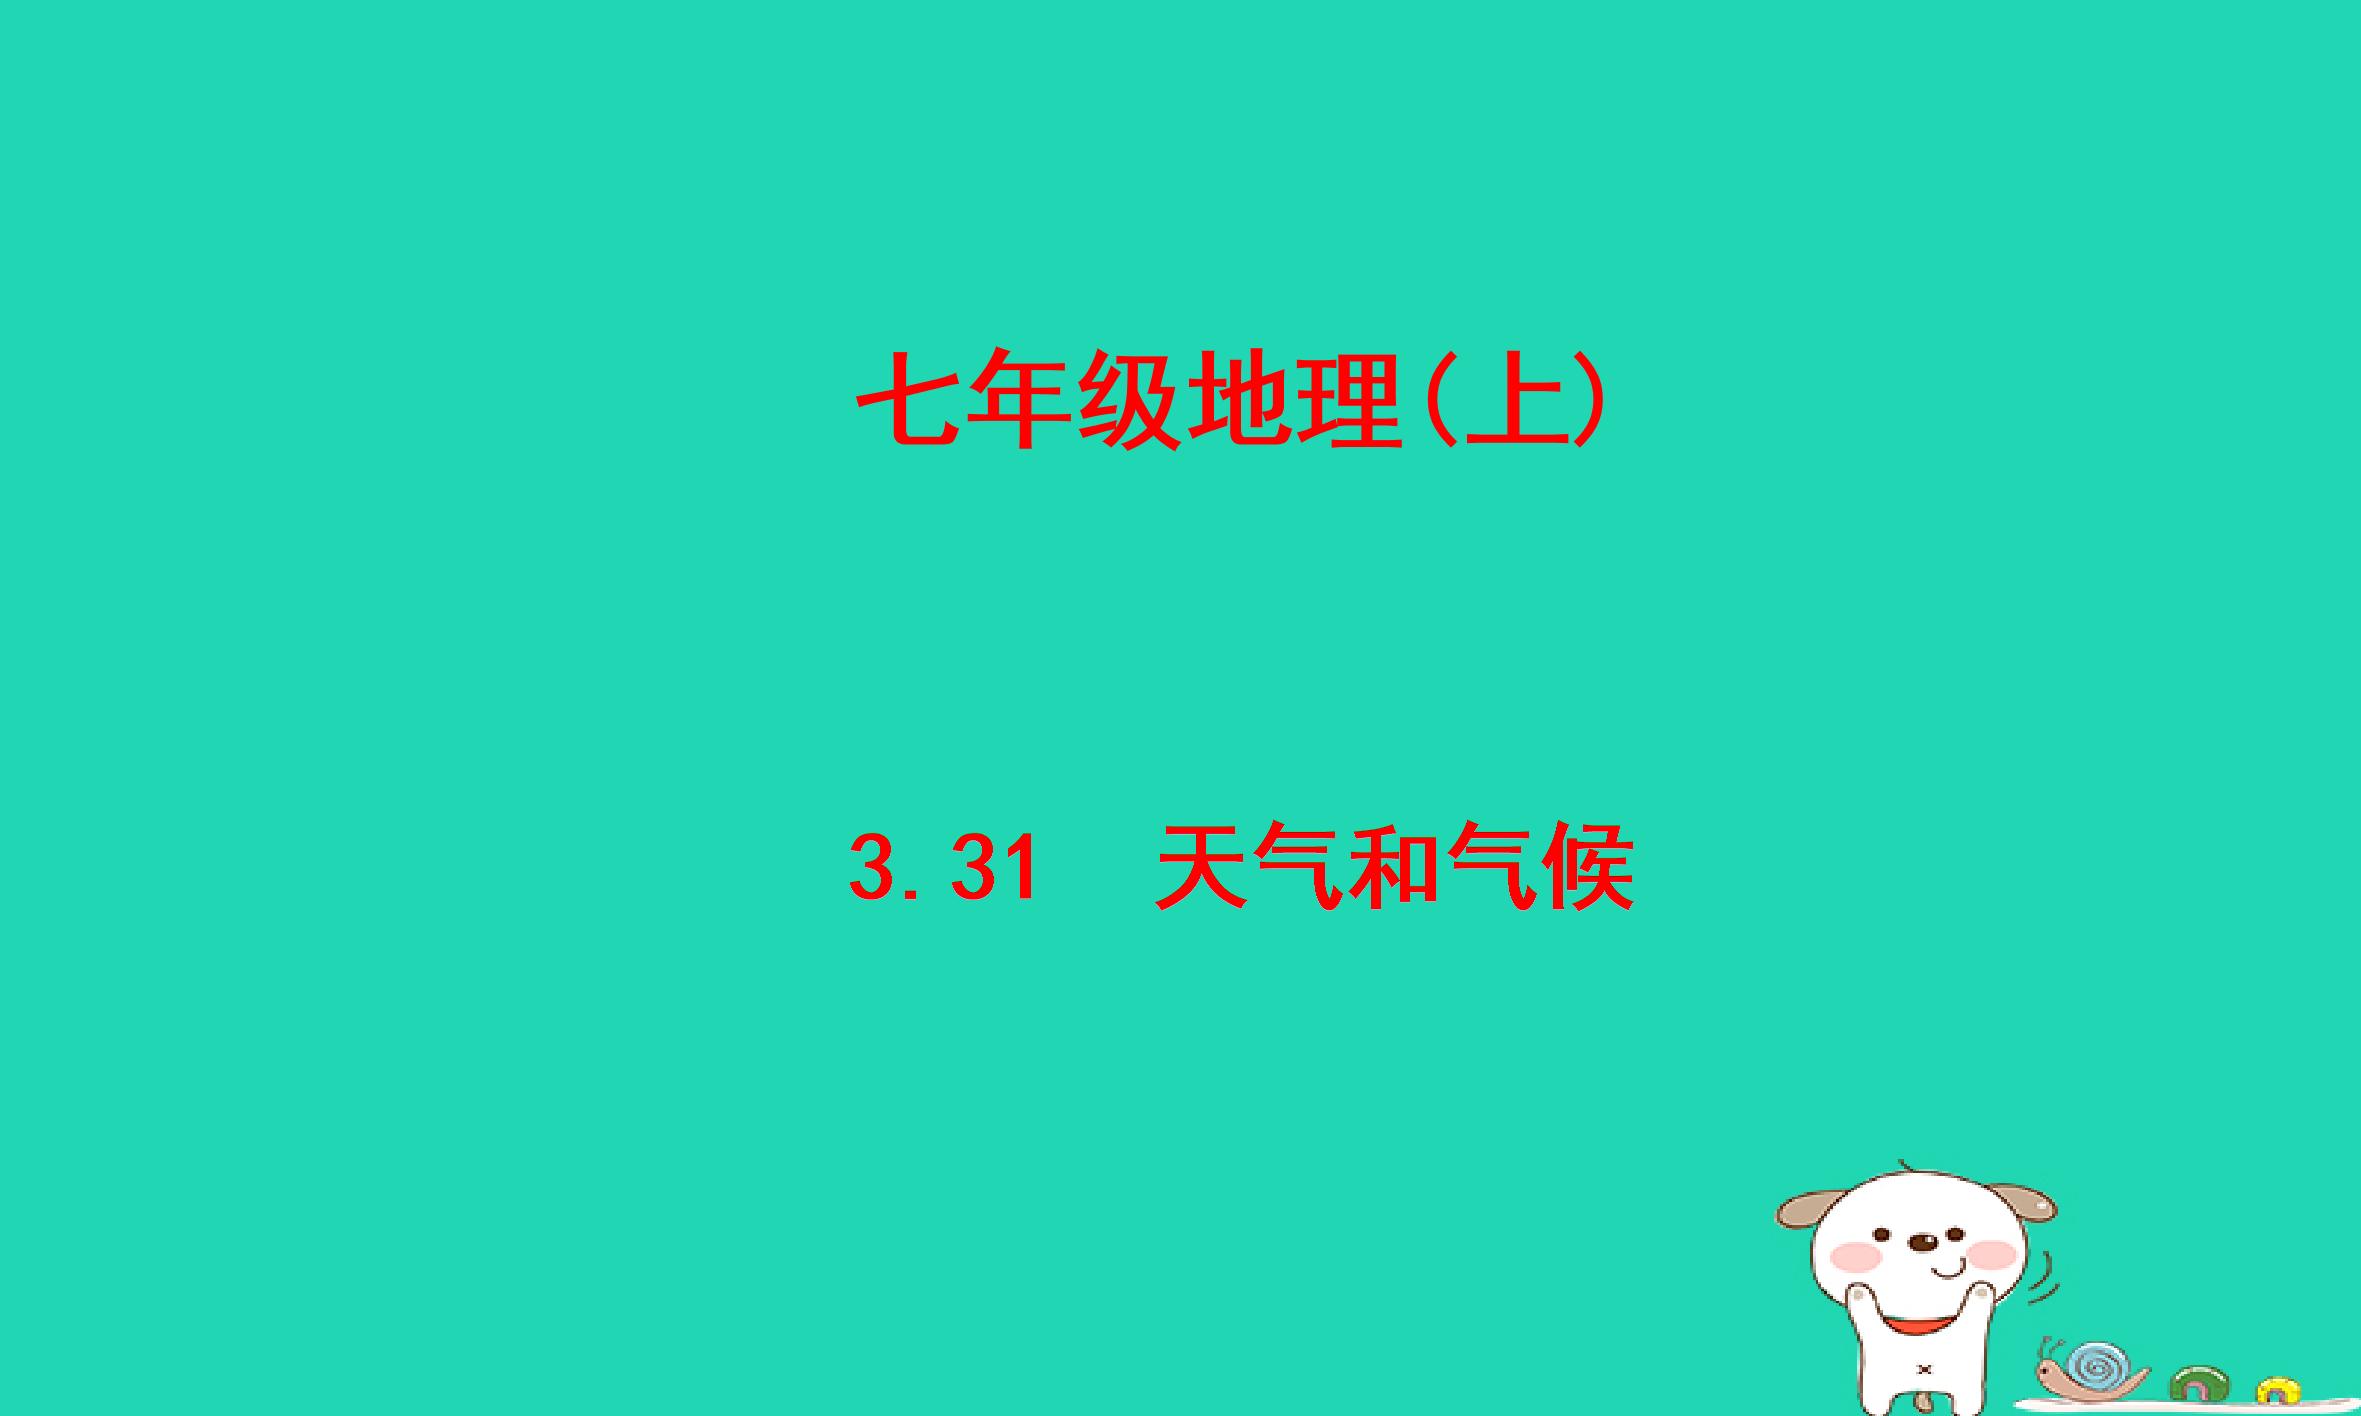 天预报符��i)�aj9f_读懂天气预报内容首先要认识这些常用的天气符号 pk对决赛 s 识别常用